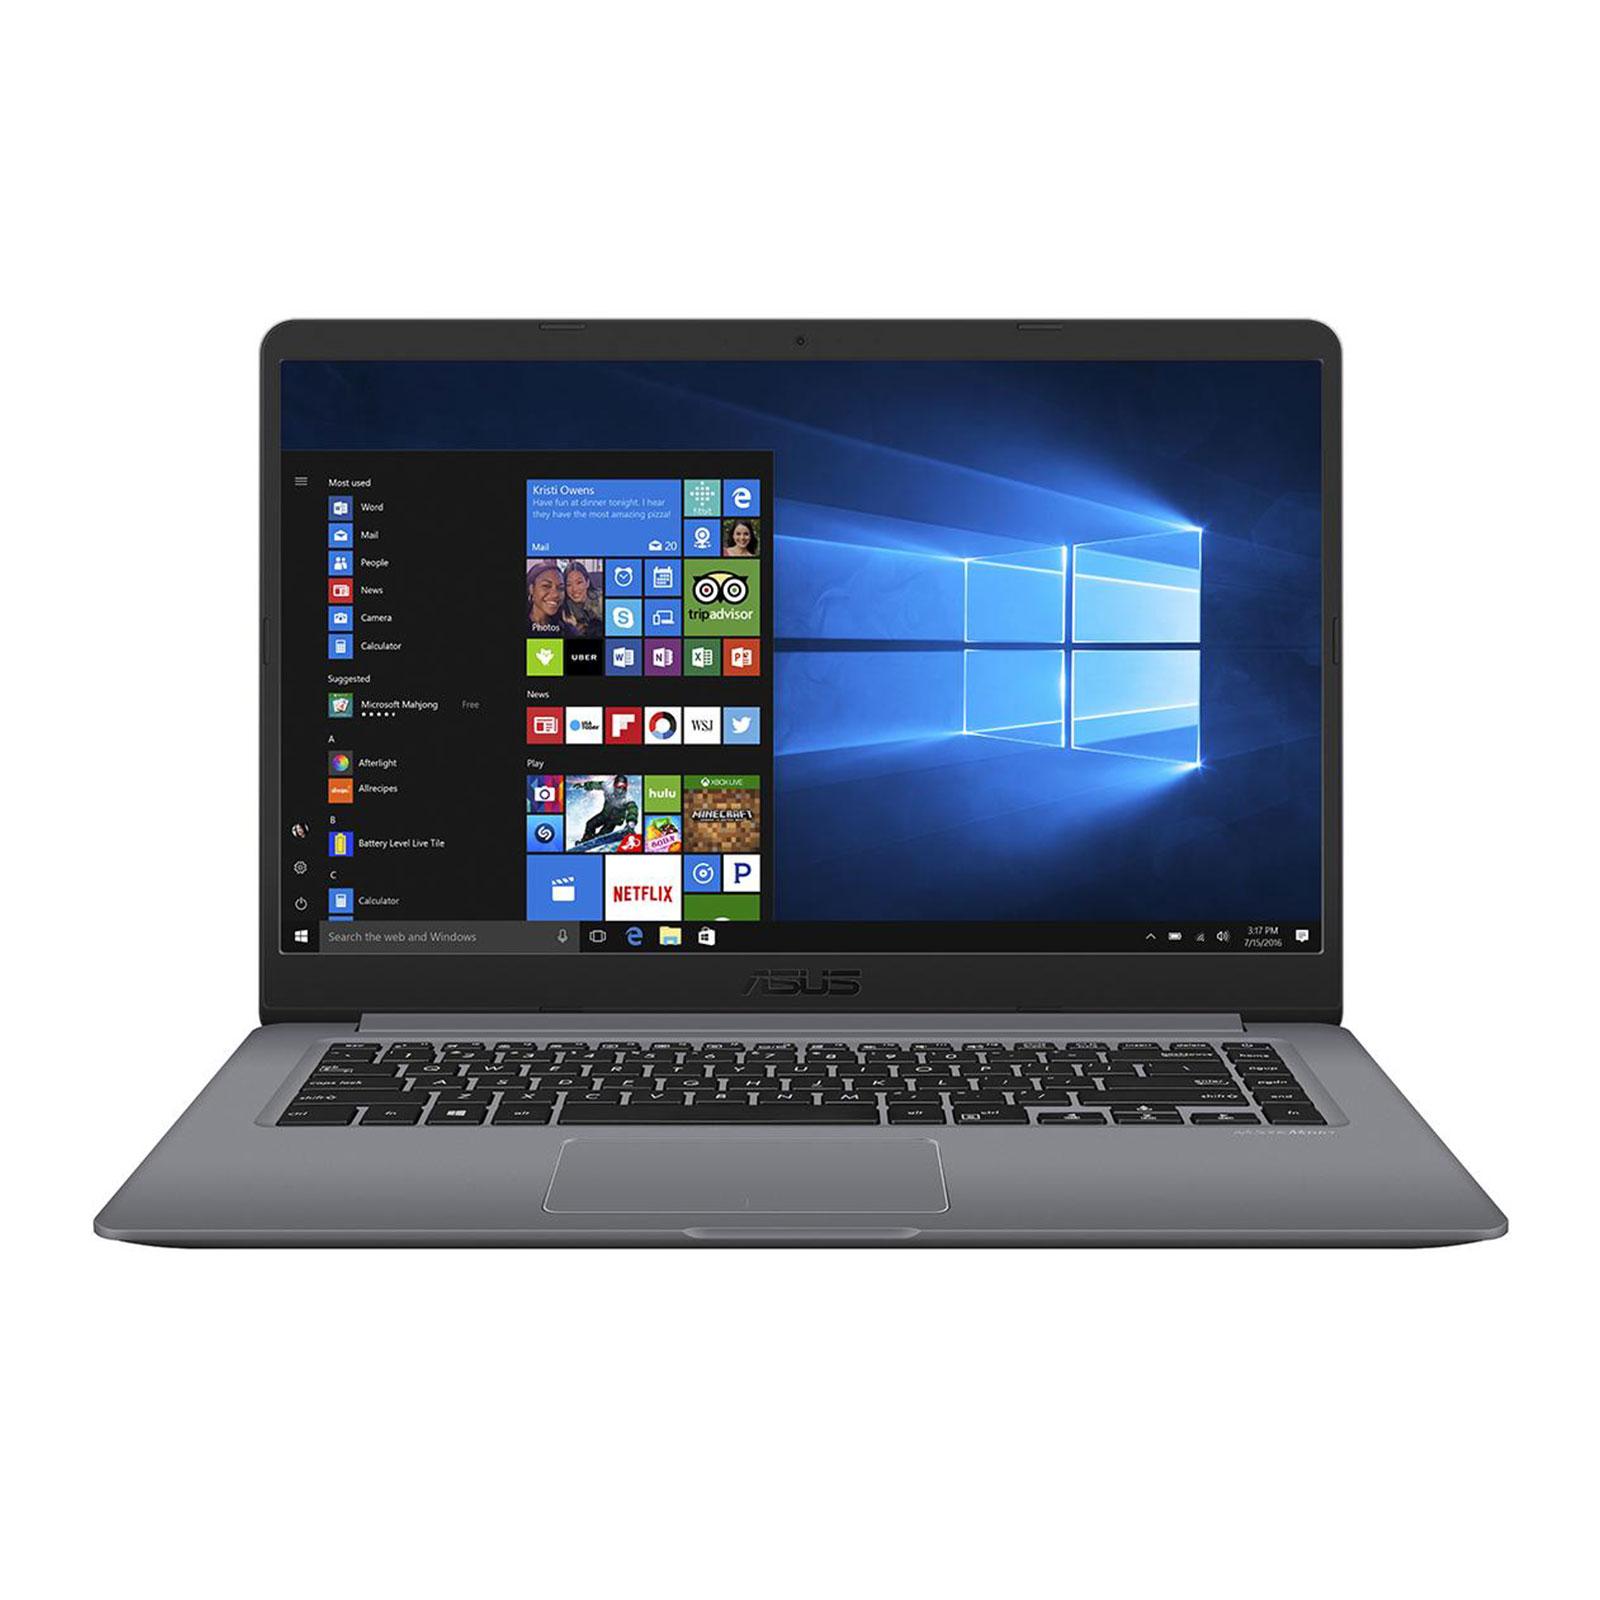 """PC portable ASUS Vivobook S15 S501UA-EJ1201T Intel Core i5-8250U 8 Go SSD 128 Go + HDD 1 To 15.6"""" LED Full HD Wi-Fi AC/Bluetooth Webcam Windows 10 Famille 64 bits (garantie constructeur 2 ans)"""